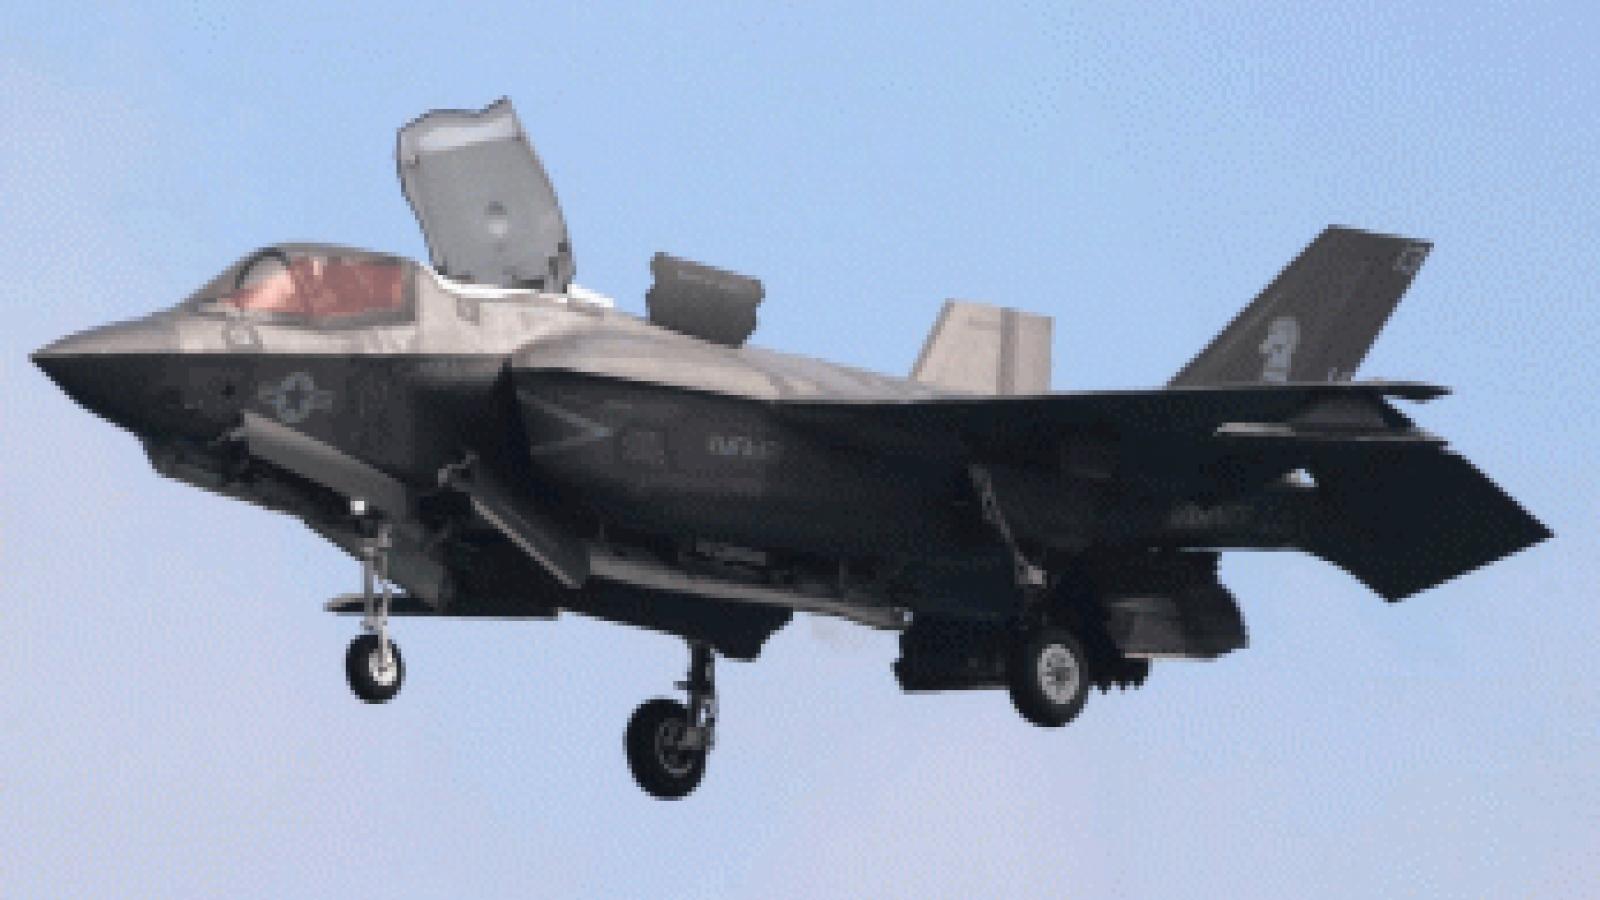 Video: Va chạm máy bay tiếp nhiên liệu, F-35B lao xuống đất, bốc cháy dữ dội